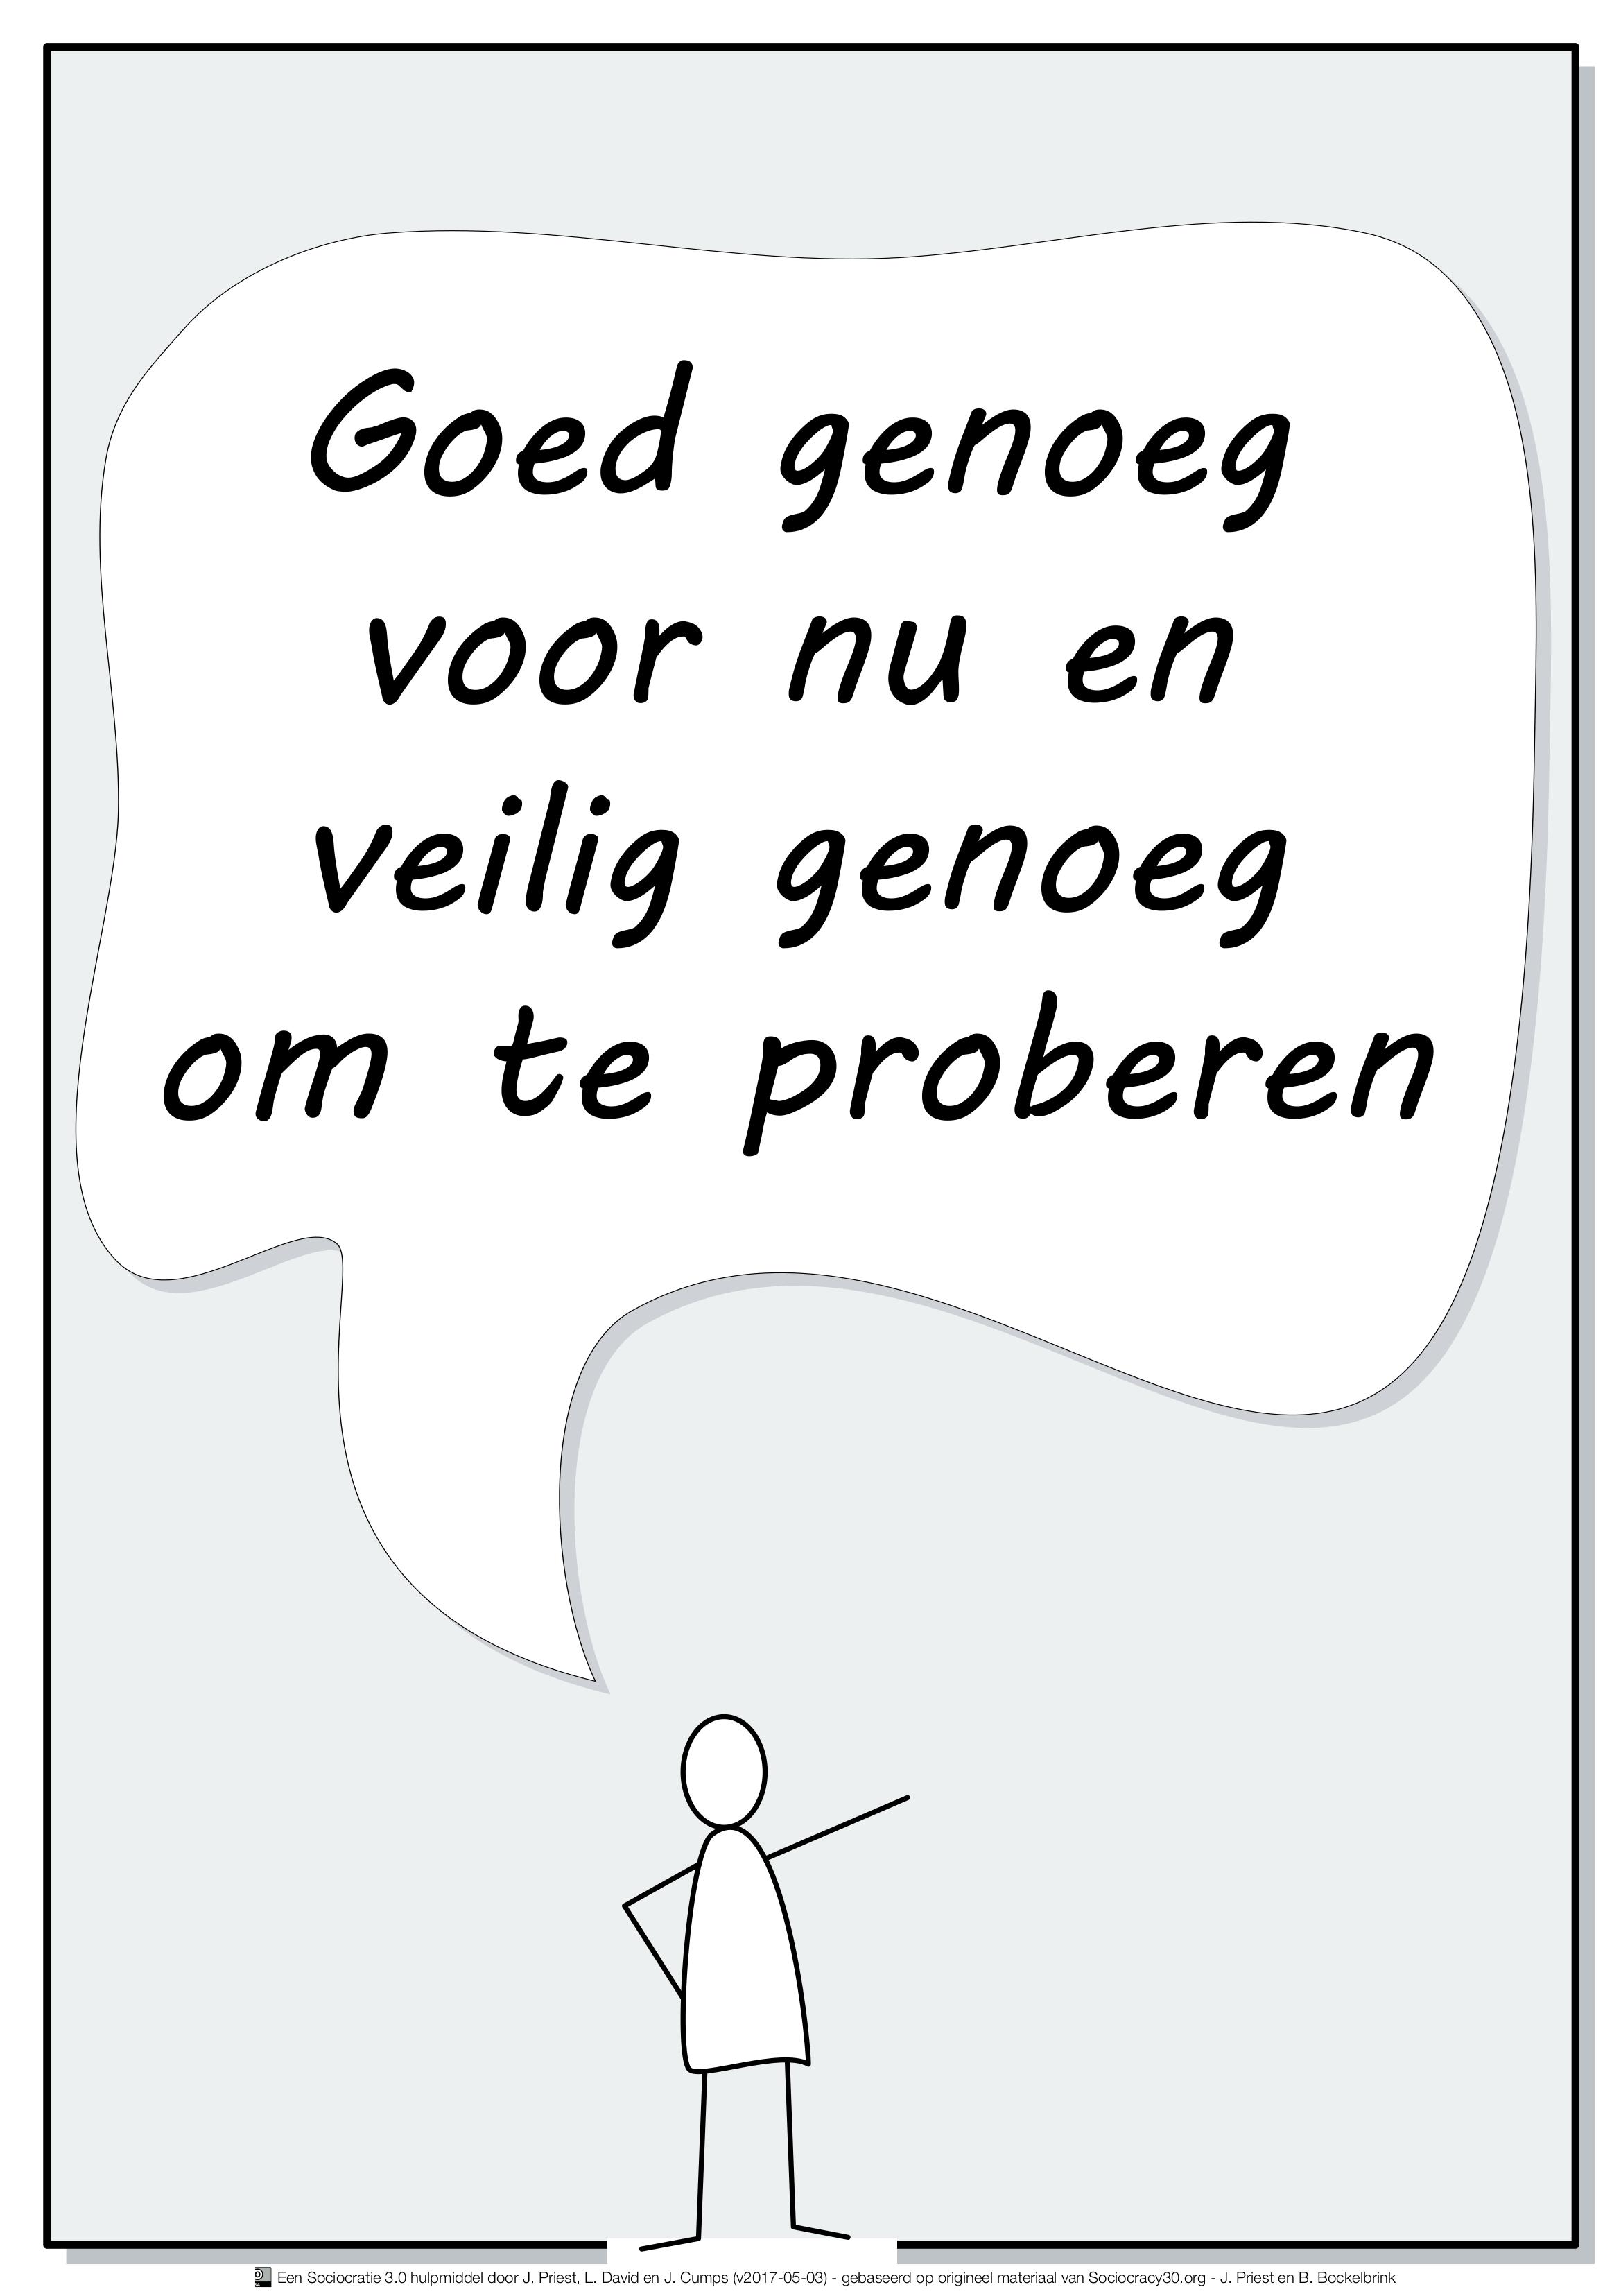 GoedGenoegVoorNu_TR.png